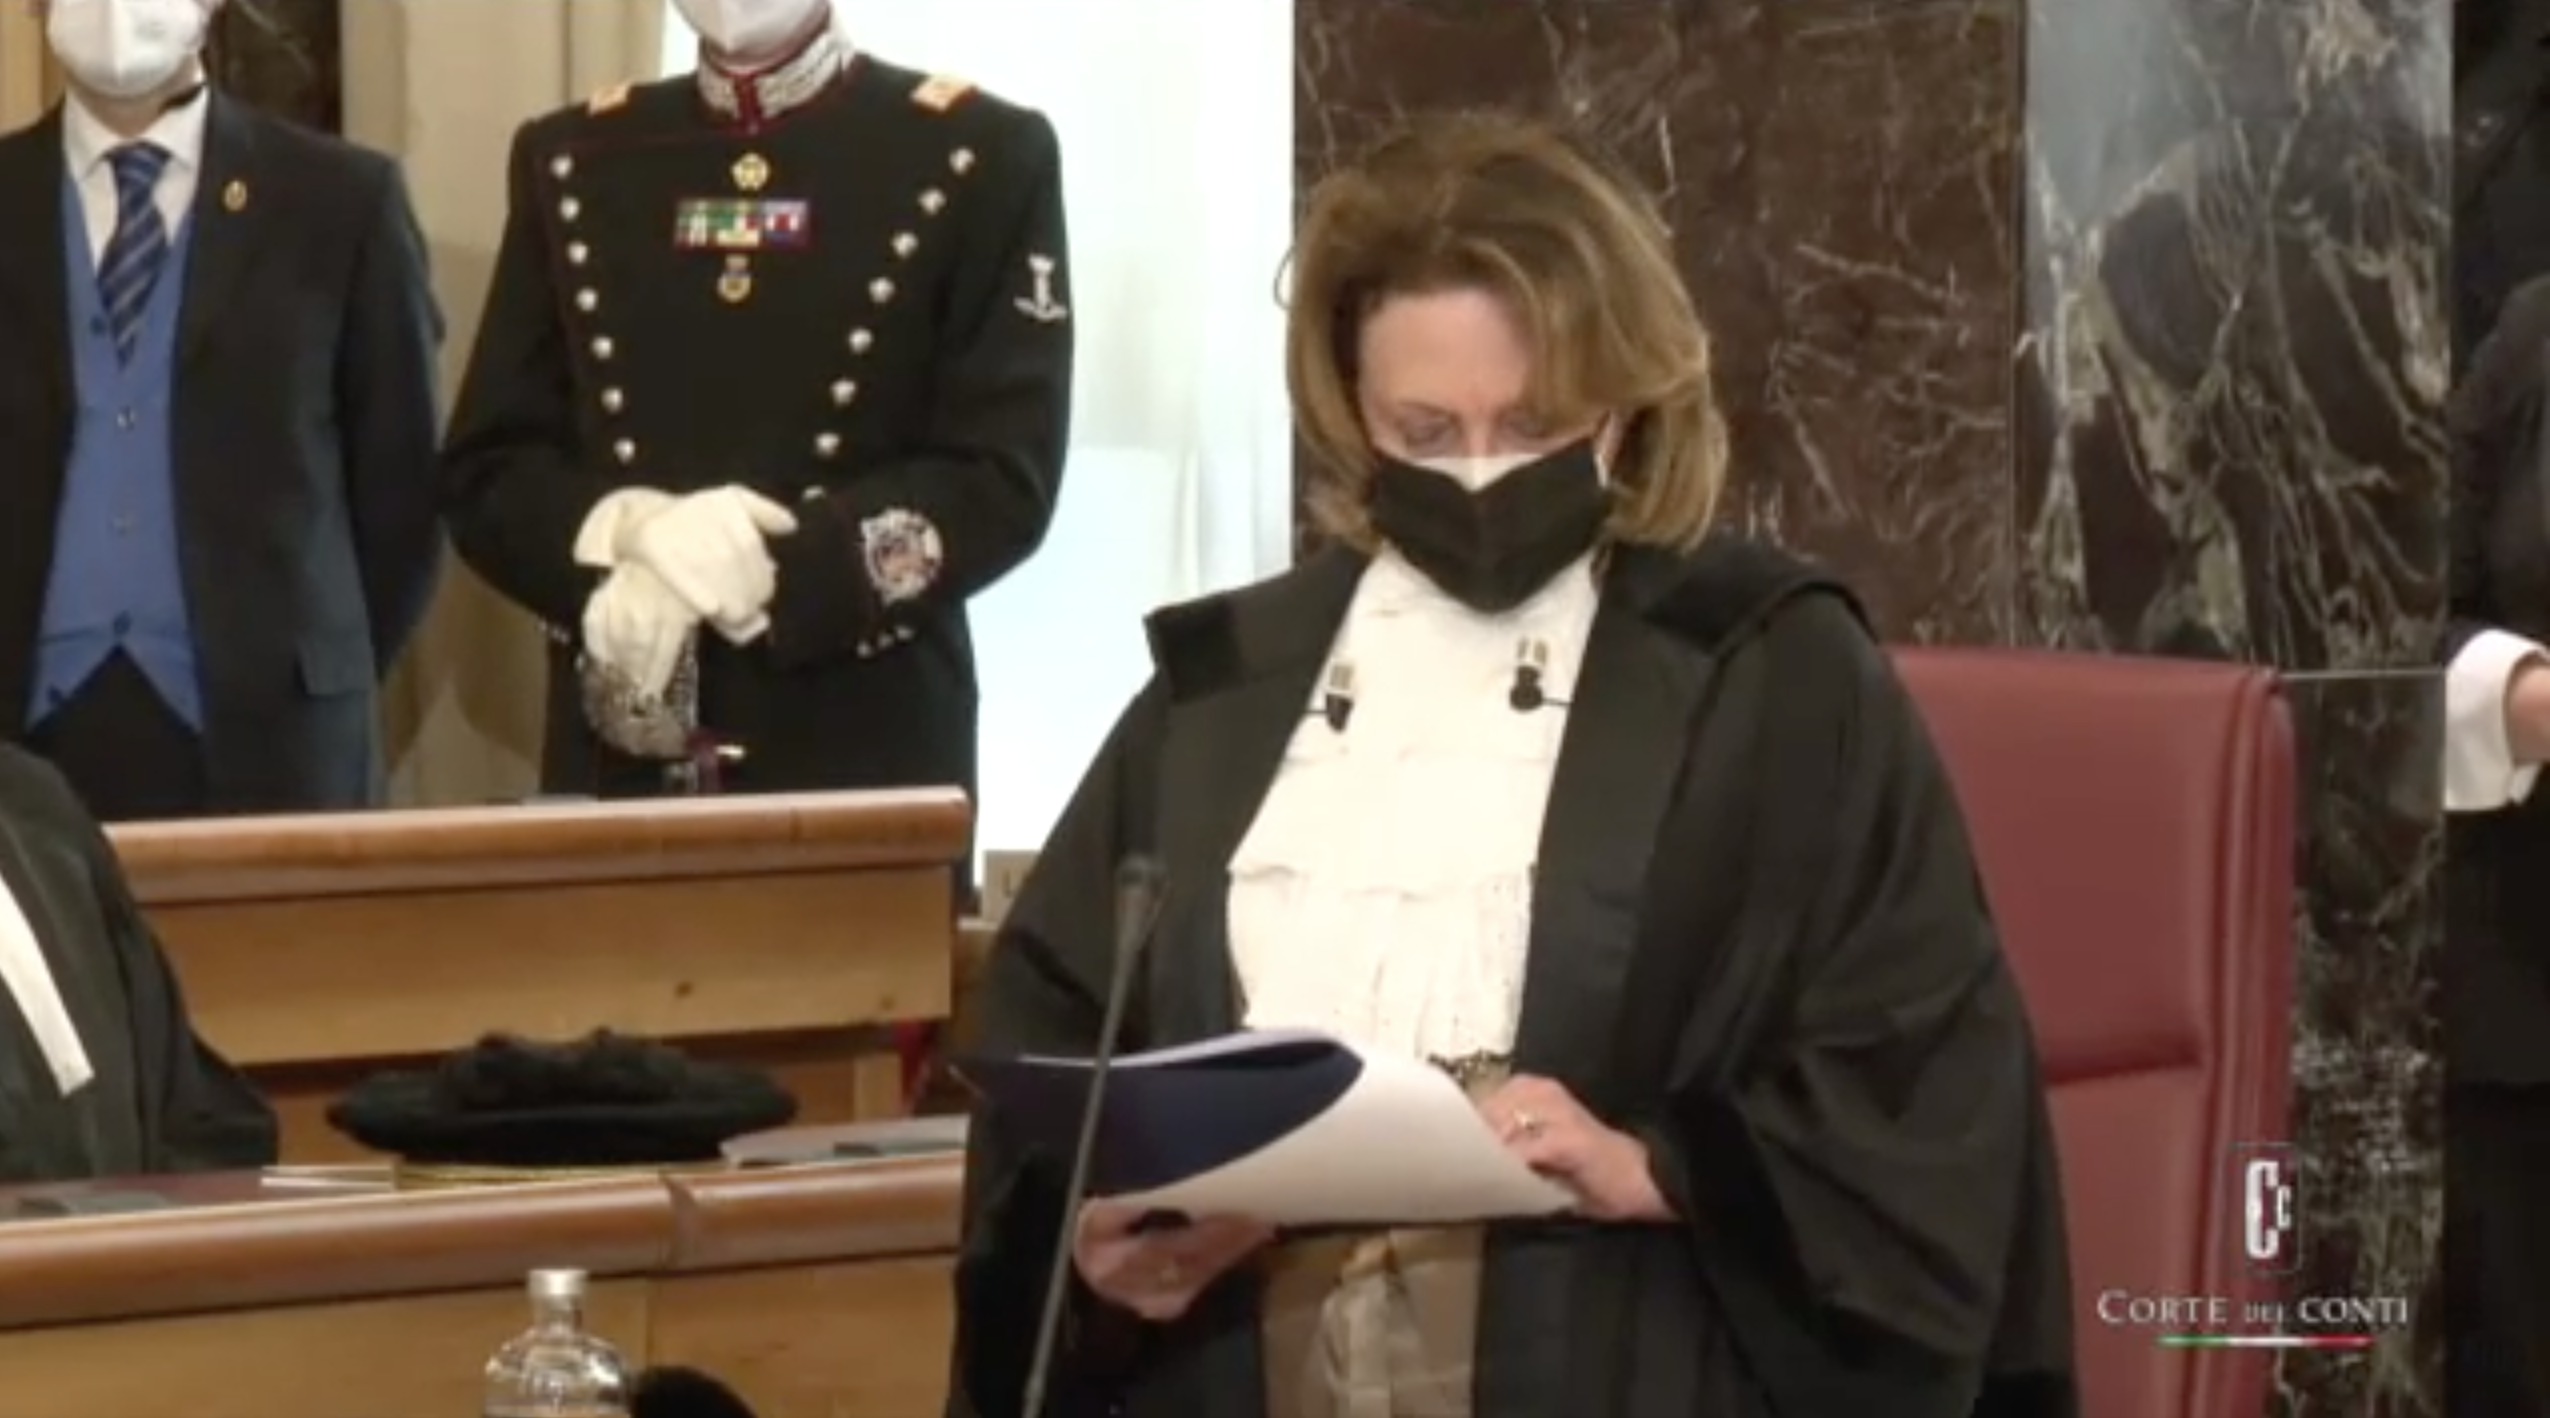 Corte dei conti, Intervento della Presidente del CNF Maria Masi